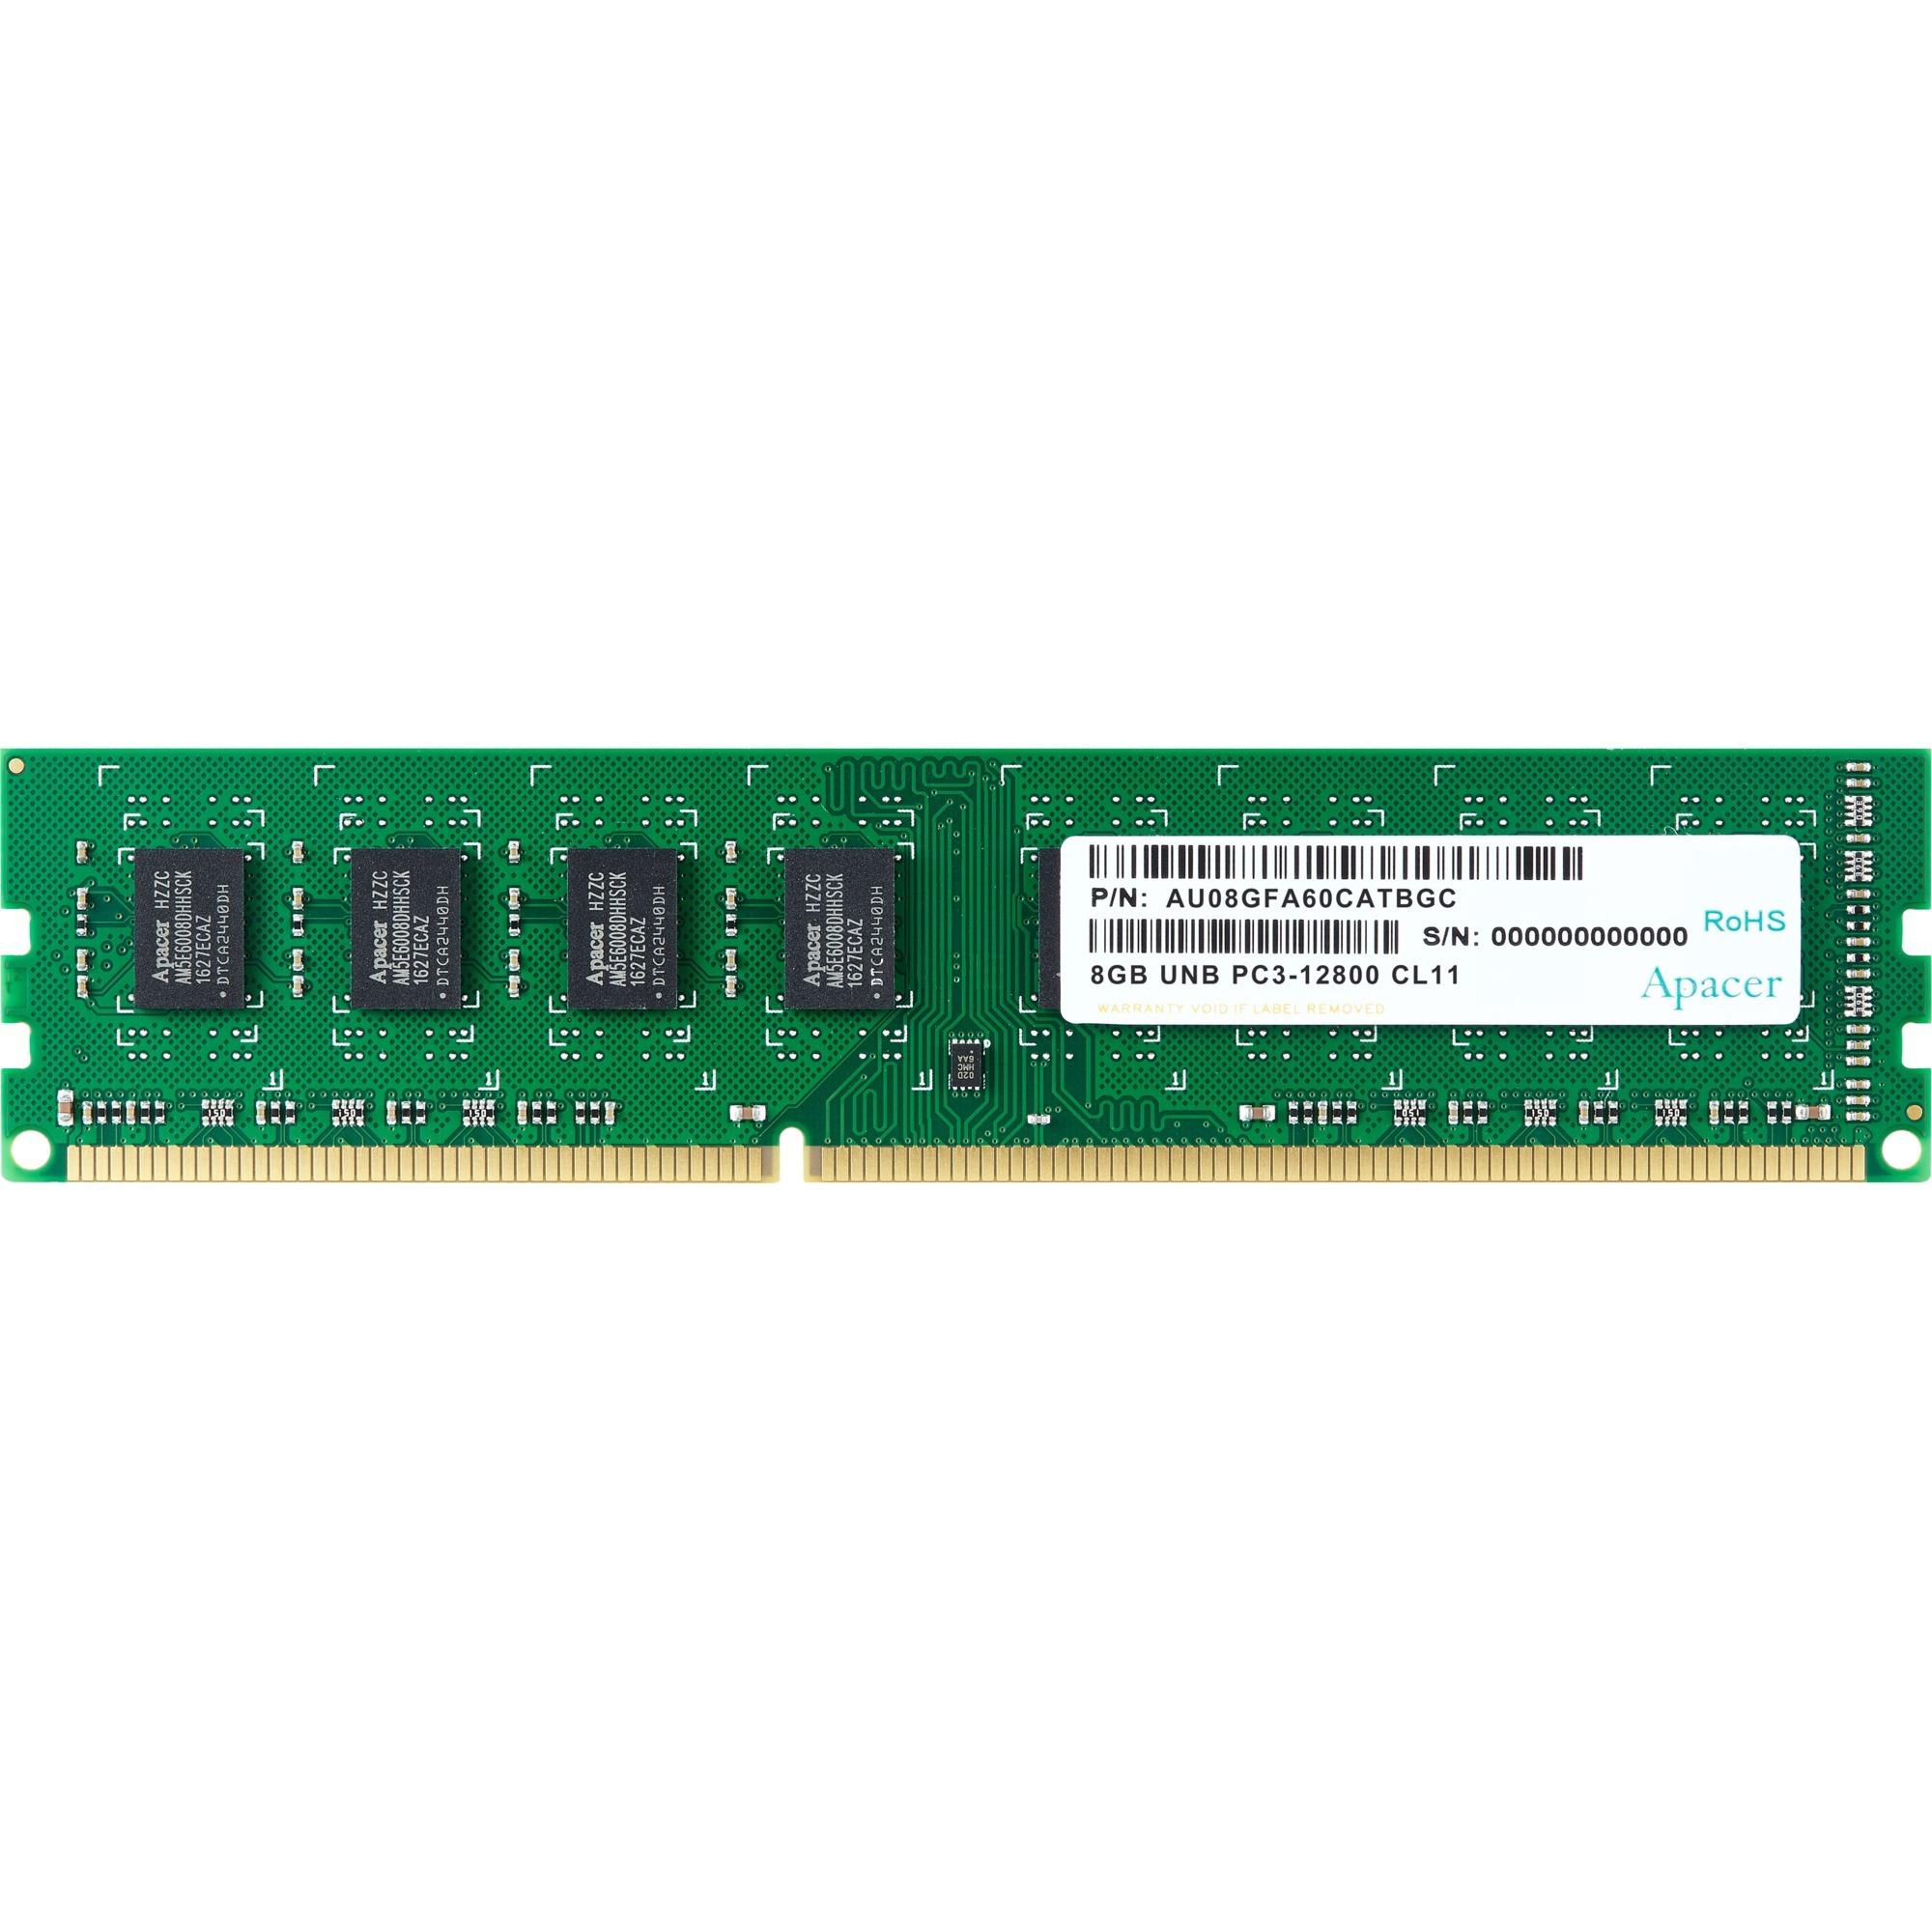 Memoria RAM Apacer AU08GFA60CATBGC DDR3 1600MHz